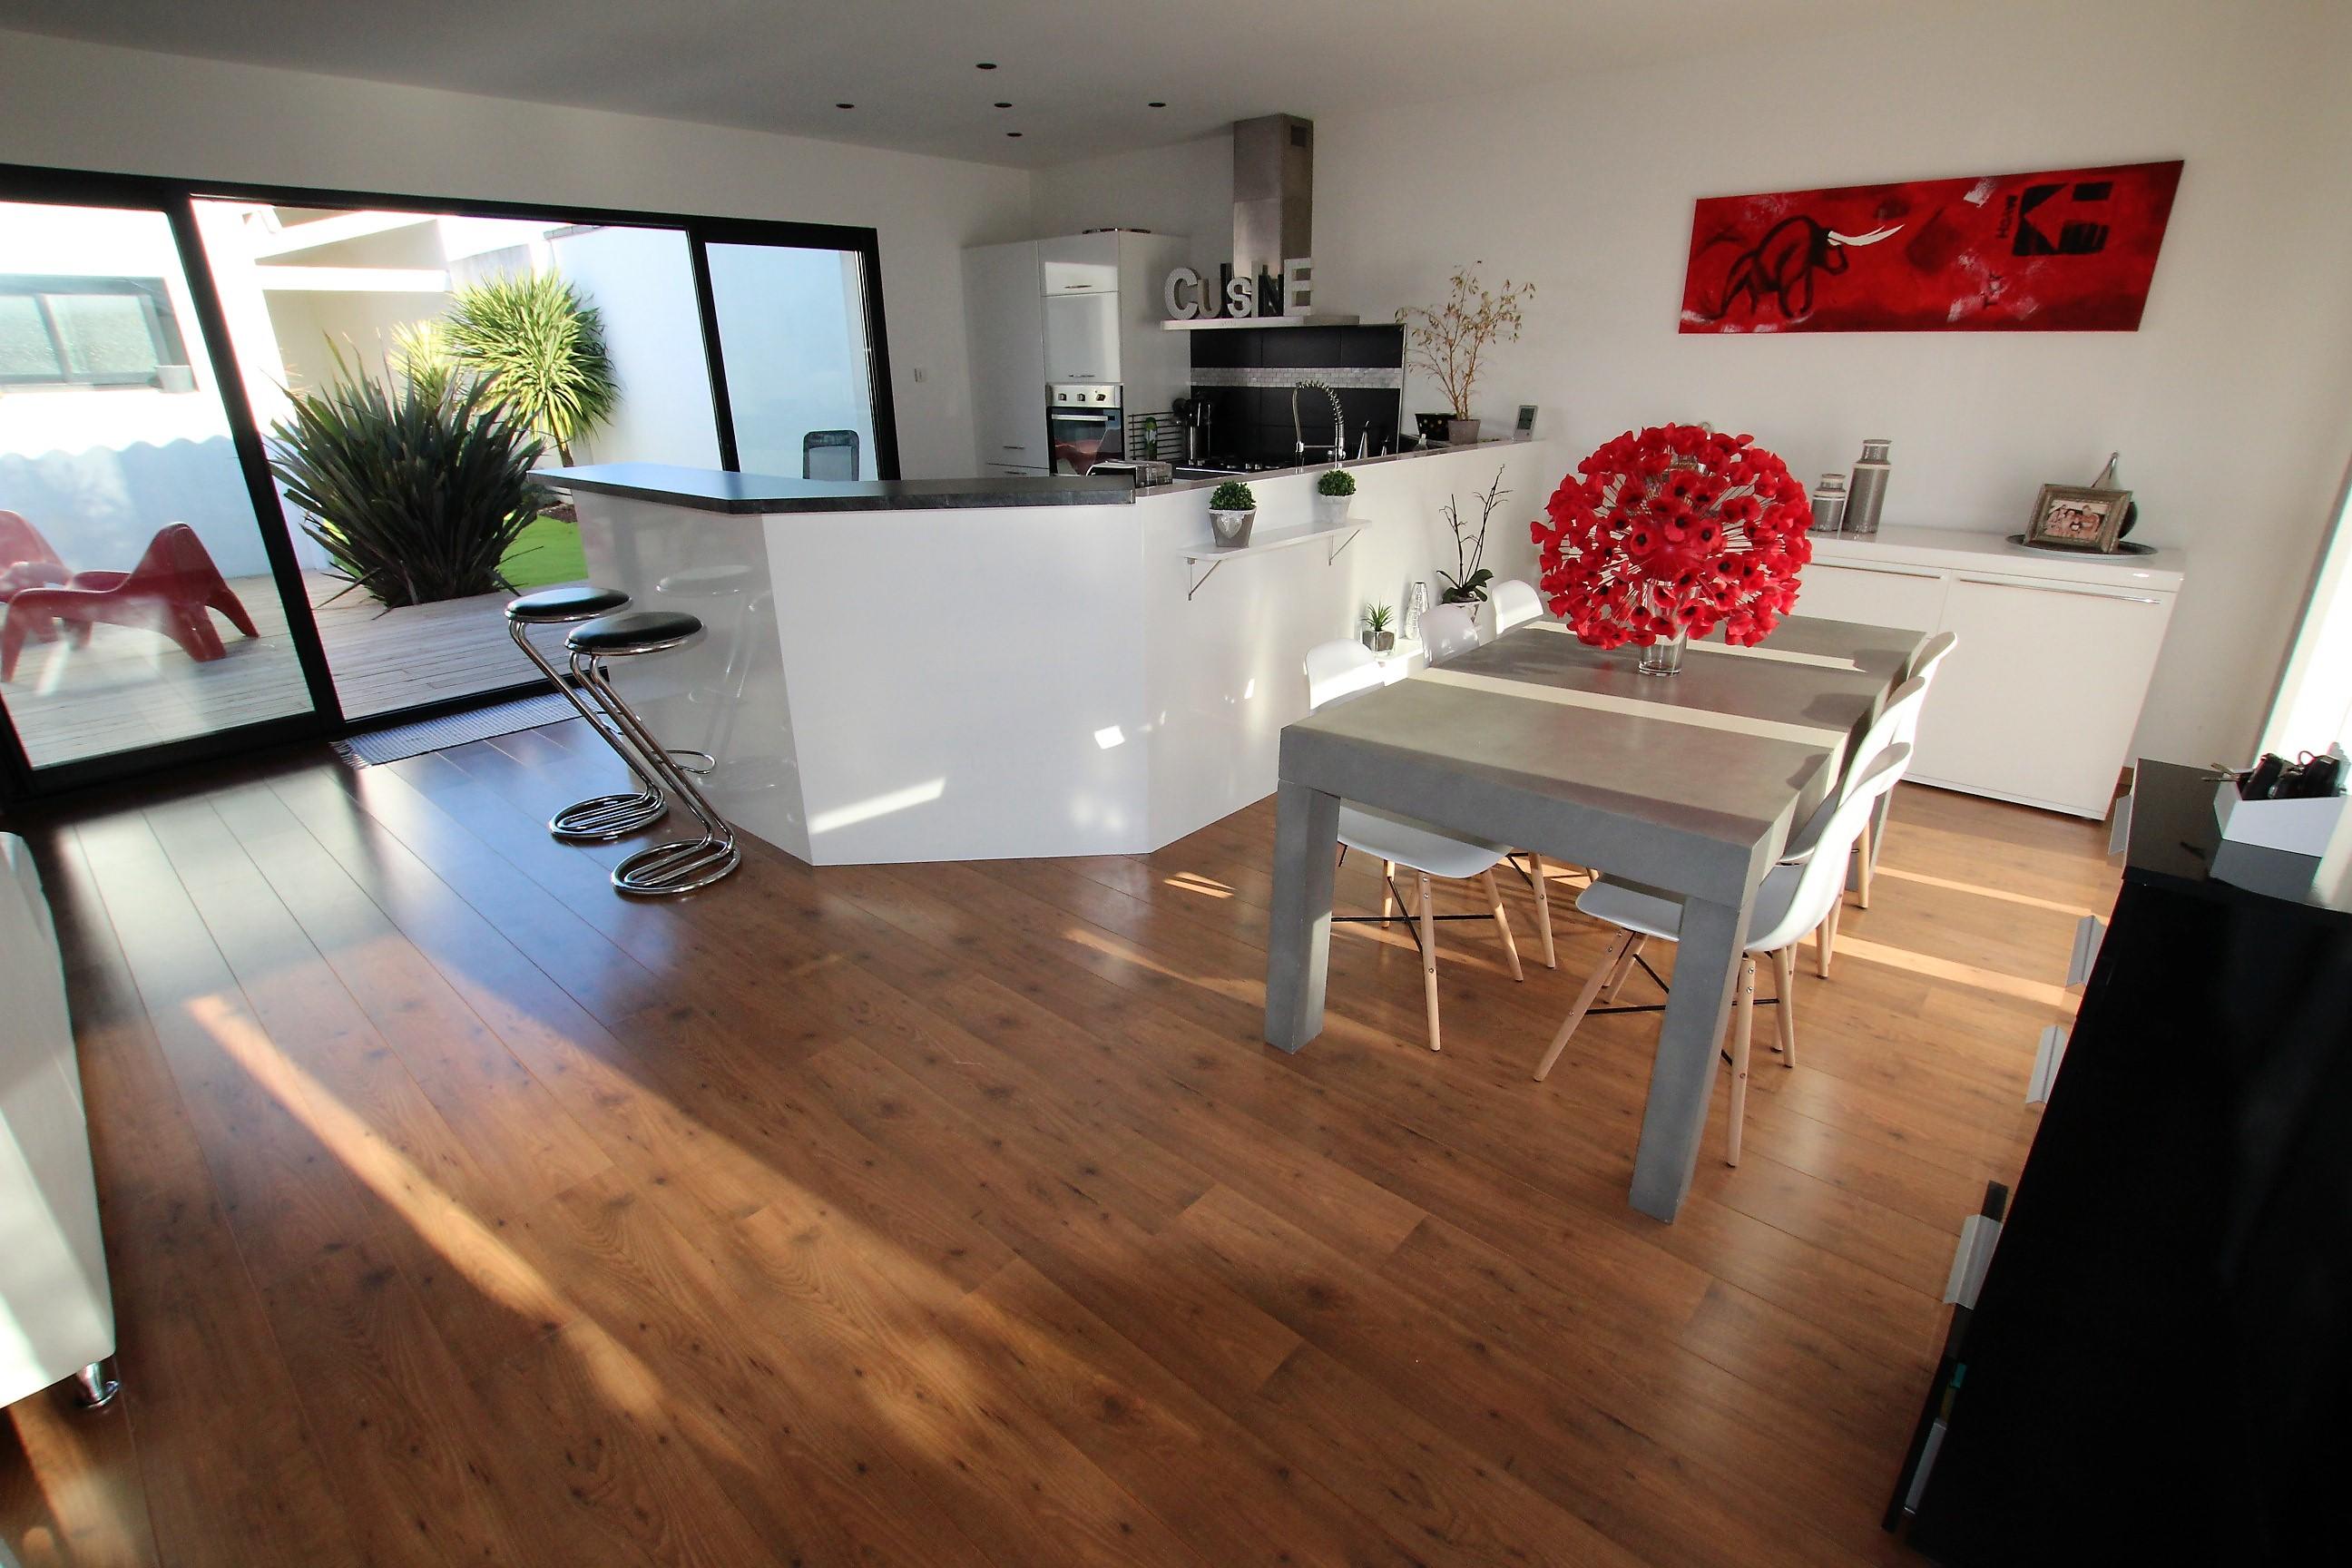 Achat maison superbe maison contemporaine 17230 for Achat maison 04